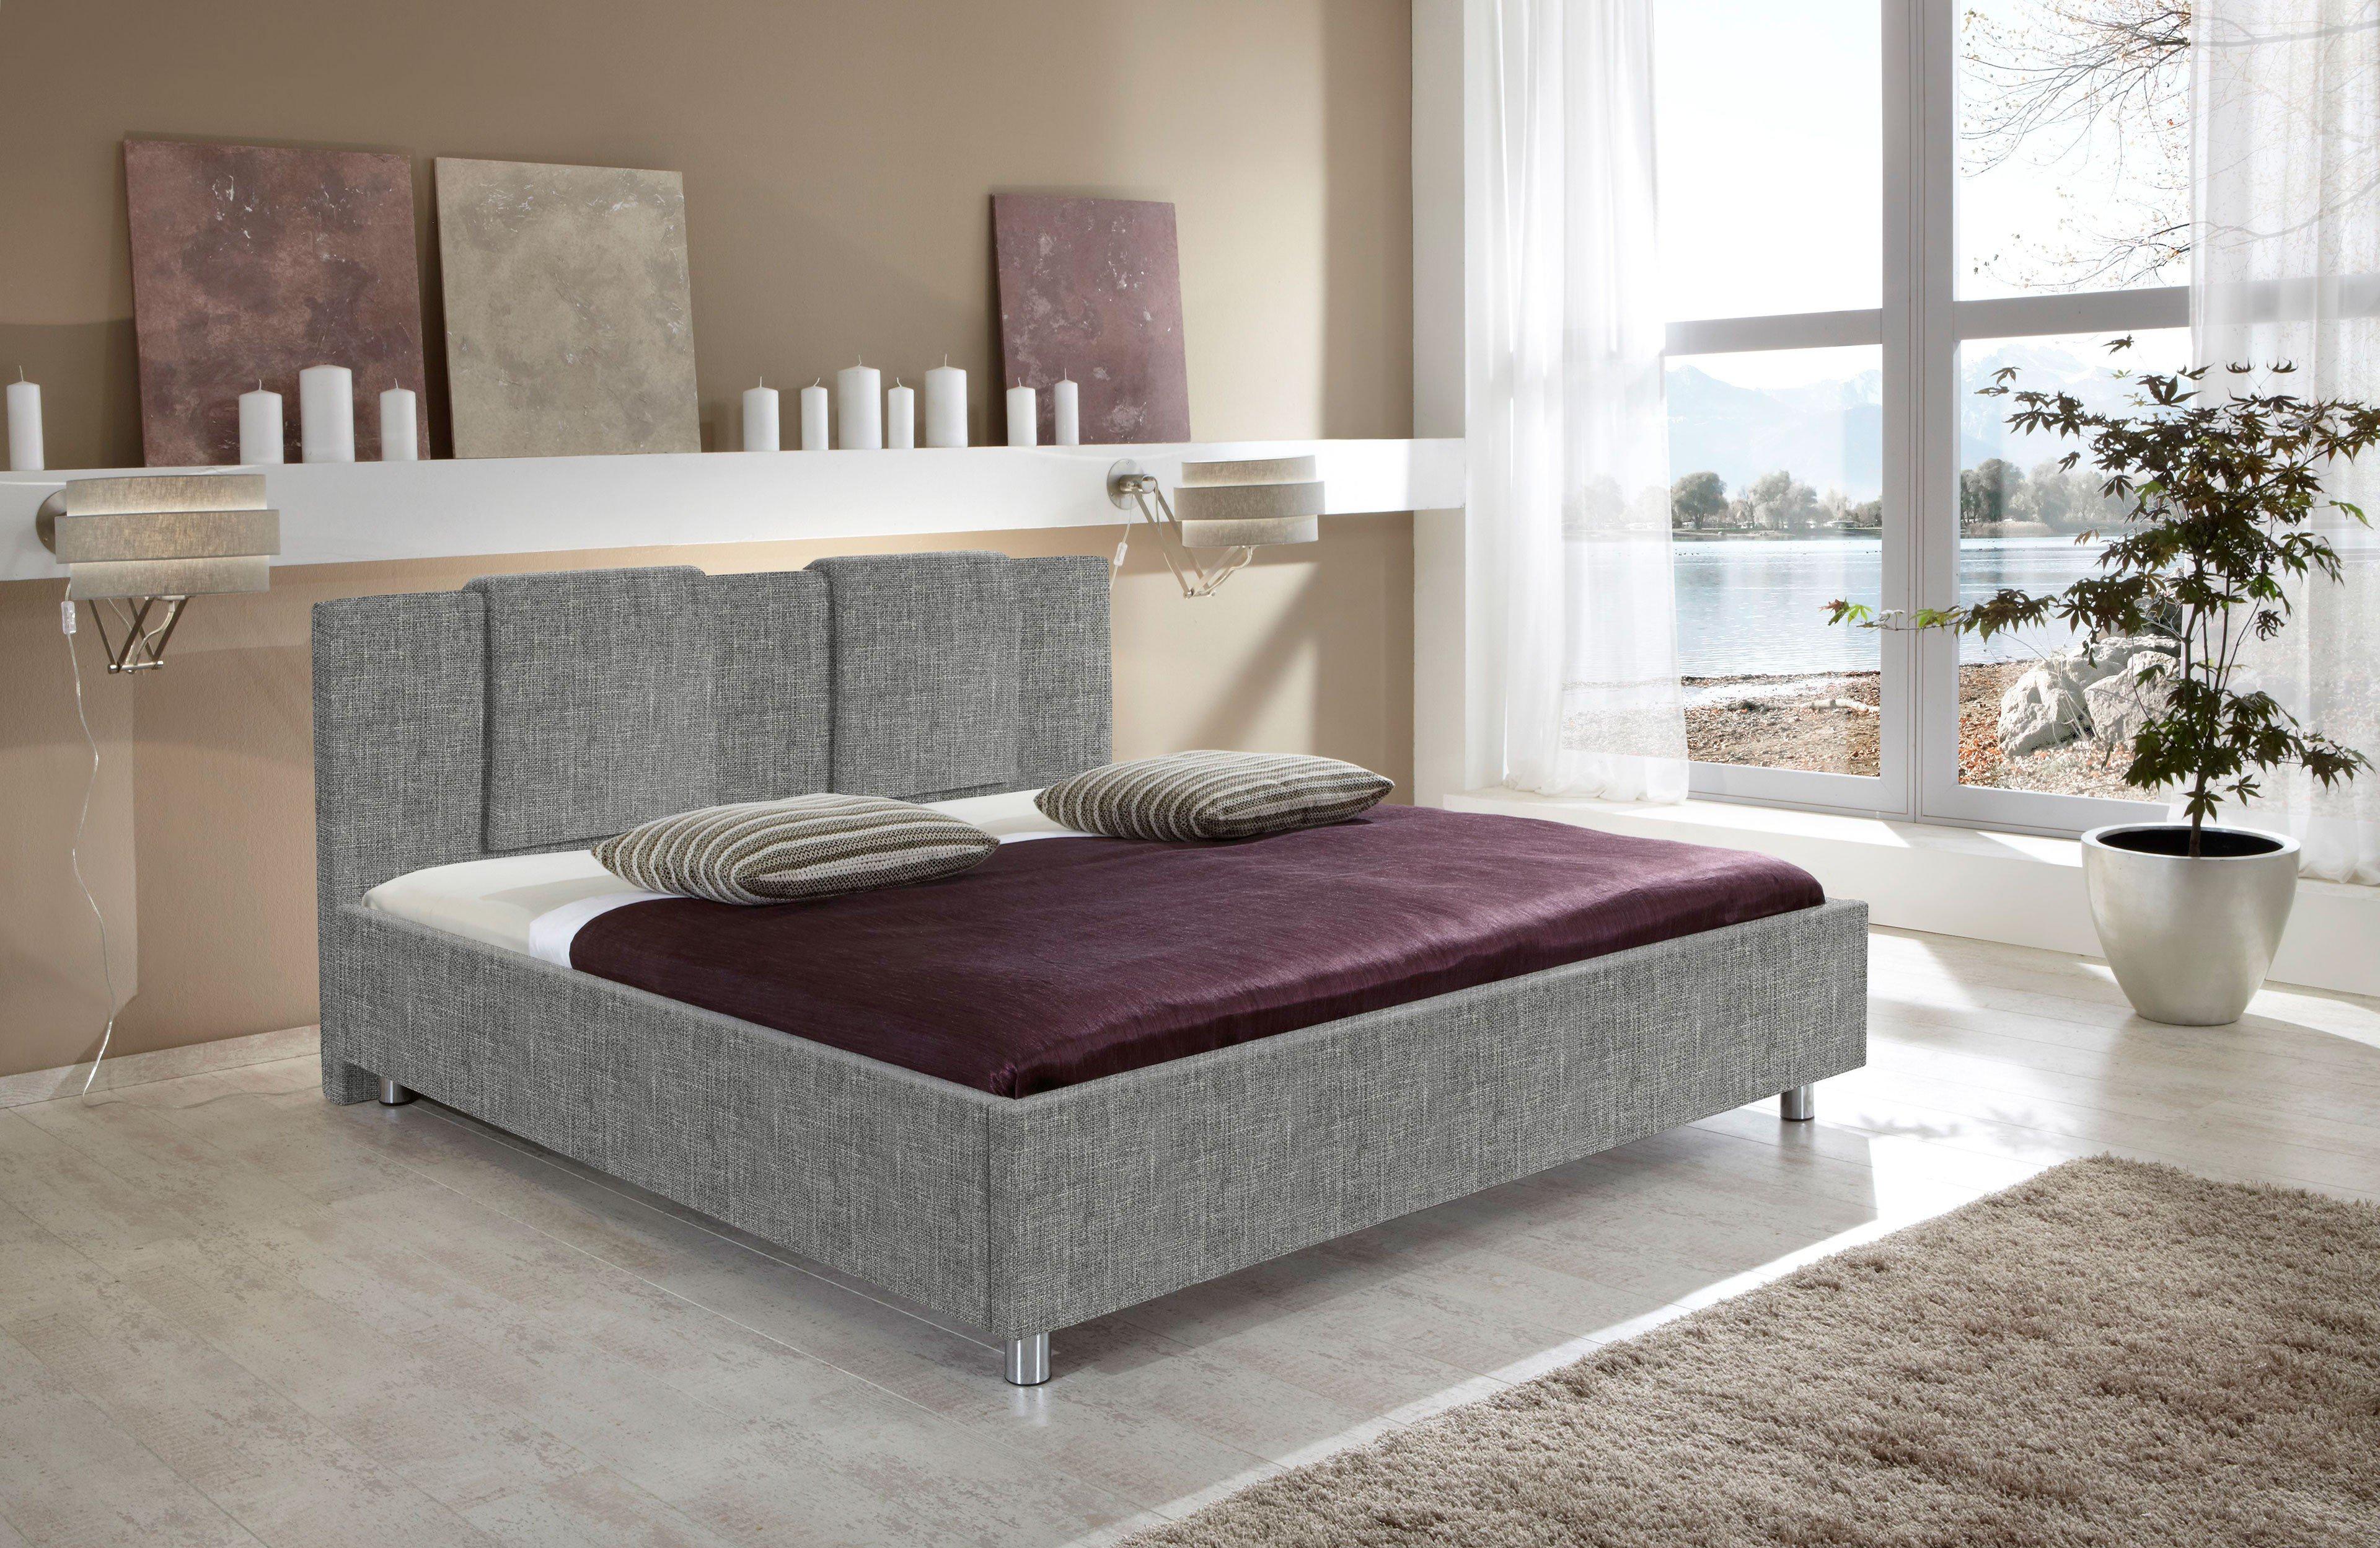 pin von dico m bel g nstig online kaufen 870 00 istanbul von dico on pinterest. Black Bedroom Furniture Sets. Home Design Ideas